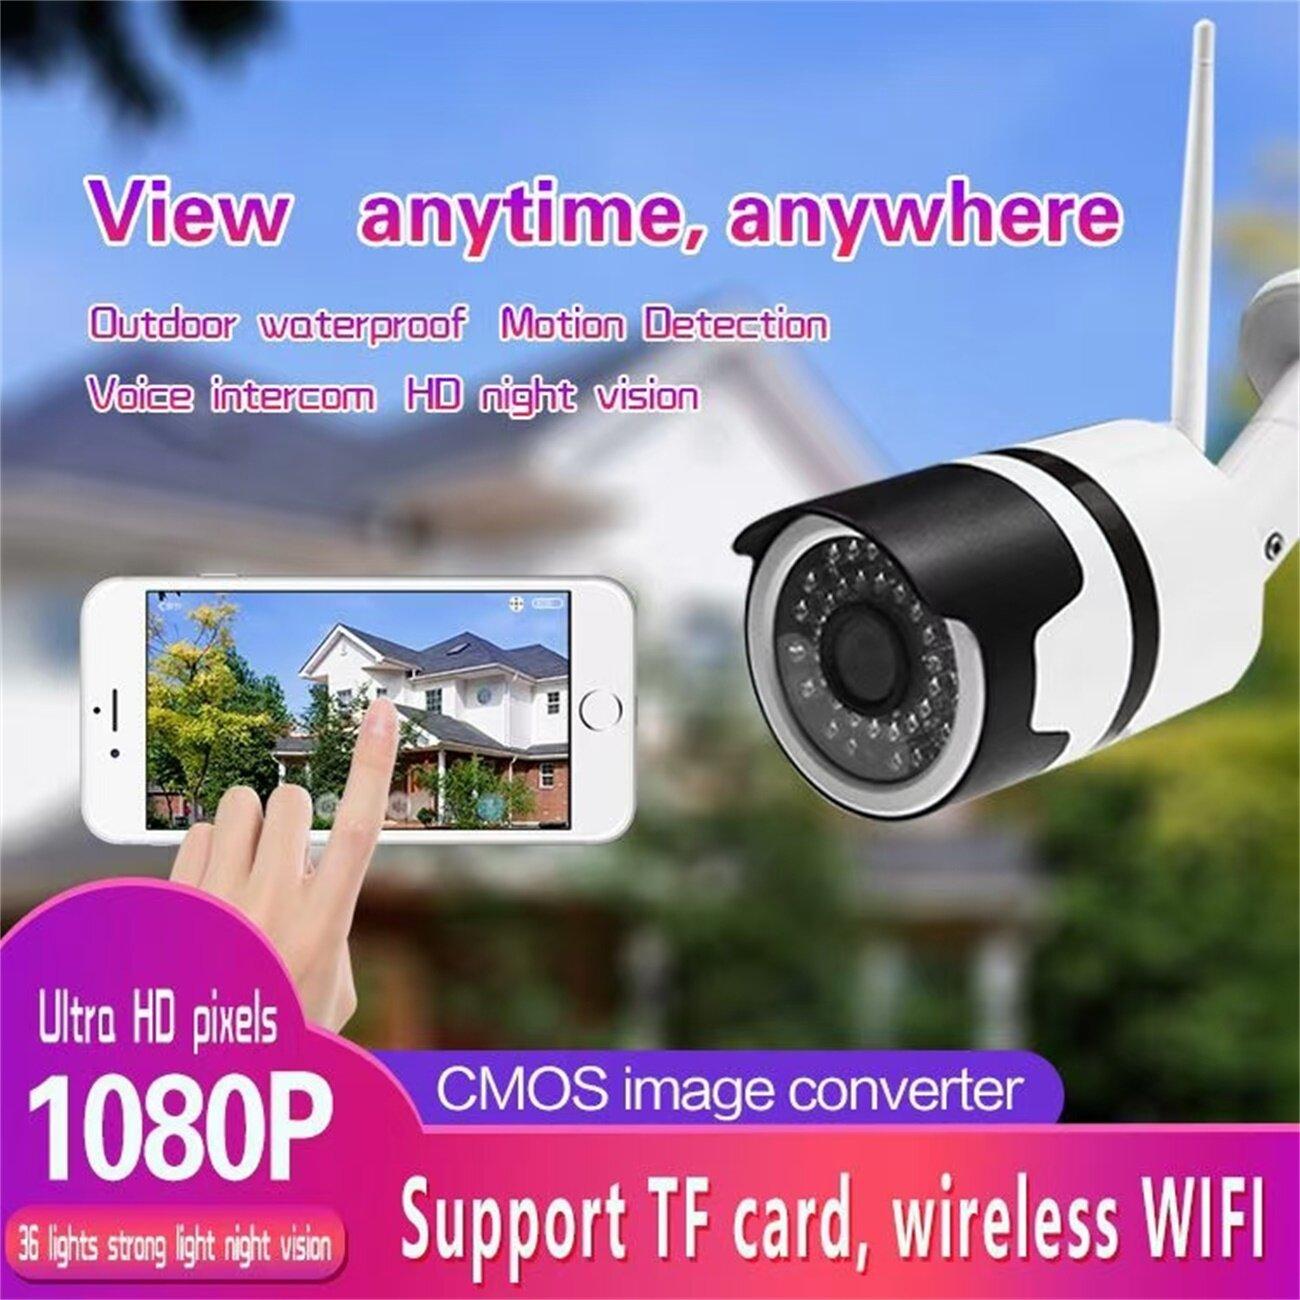 Eletop Camera Ip Âm Thanh H.265 Full Hd 2MP Camera Quan Sát Ban Đêm Hồng Ngoại WIfi Giám Sát Cctv Ngoài Trời Chống Nước 1080P